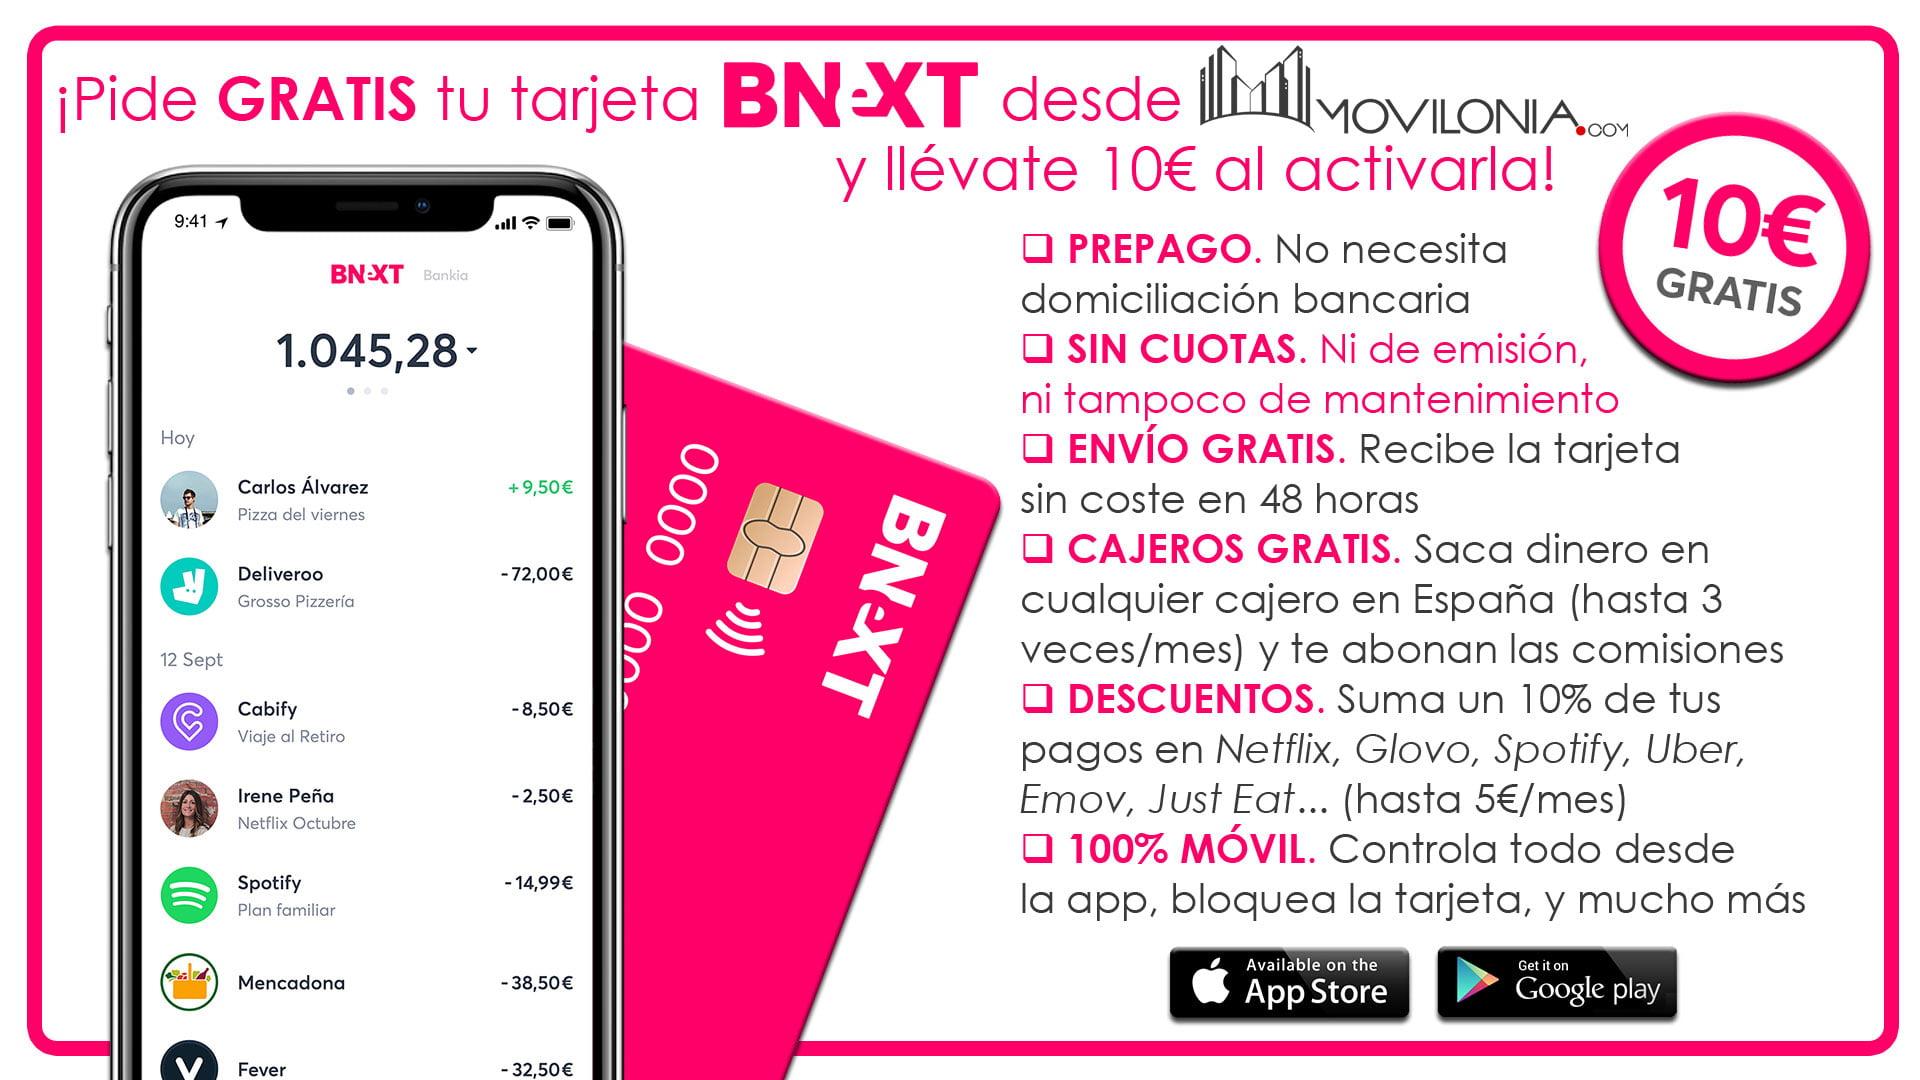 oferta 10 euros gratis con Visa Bnext